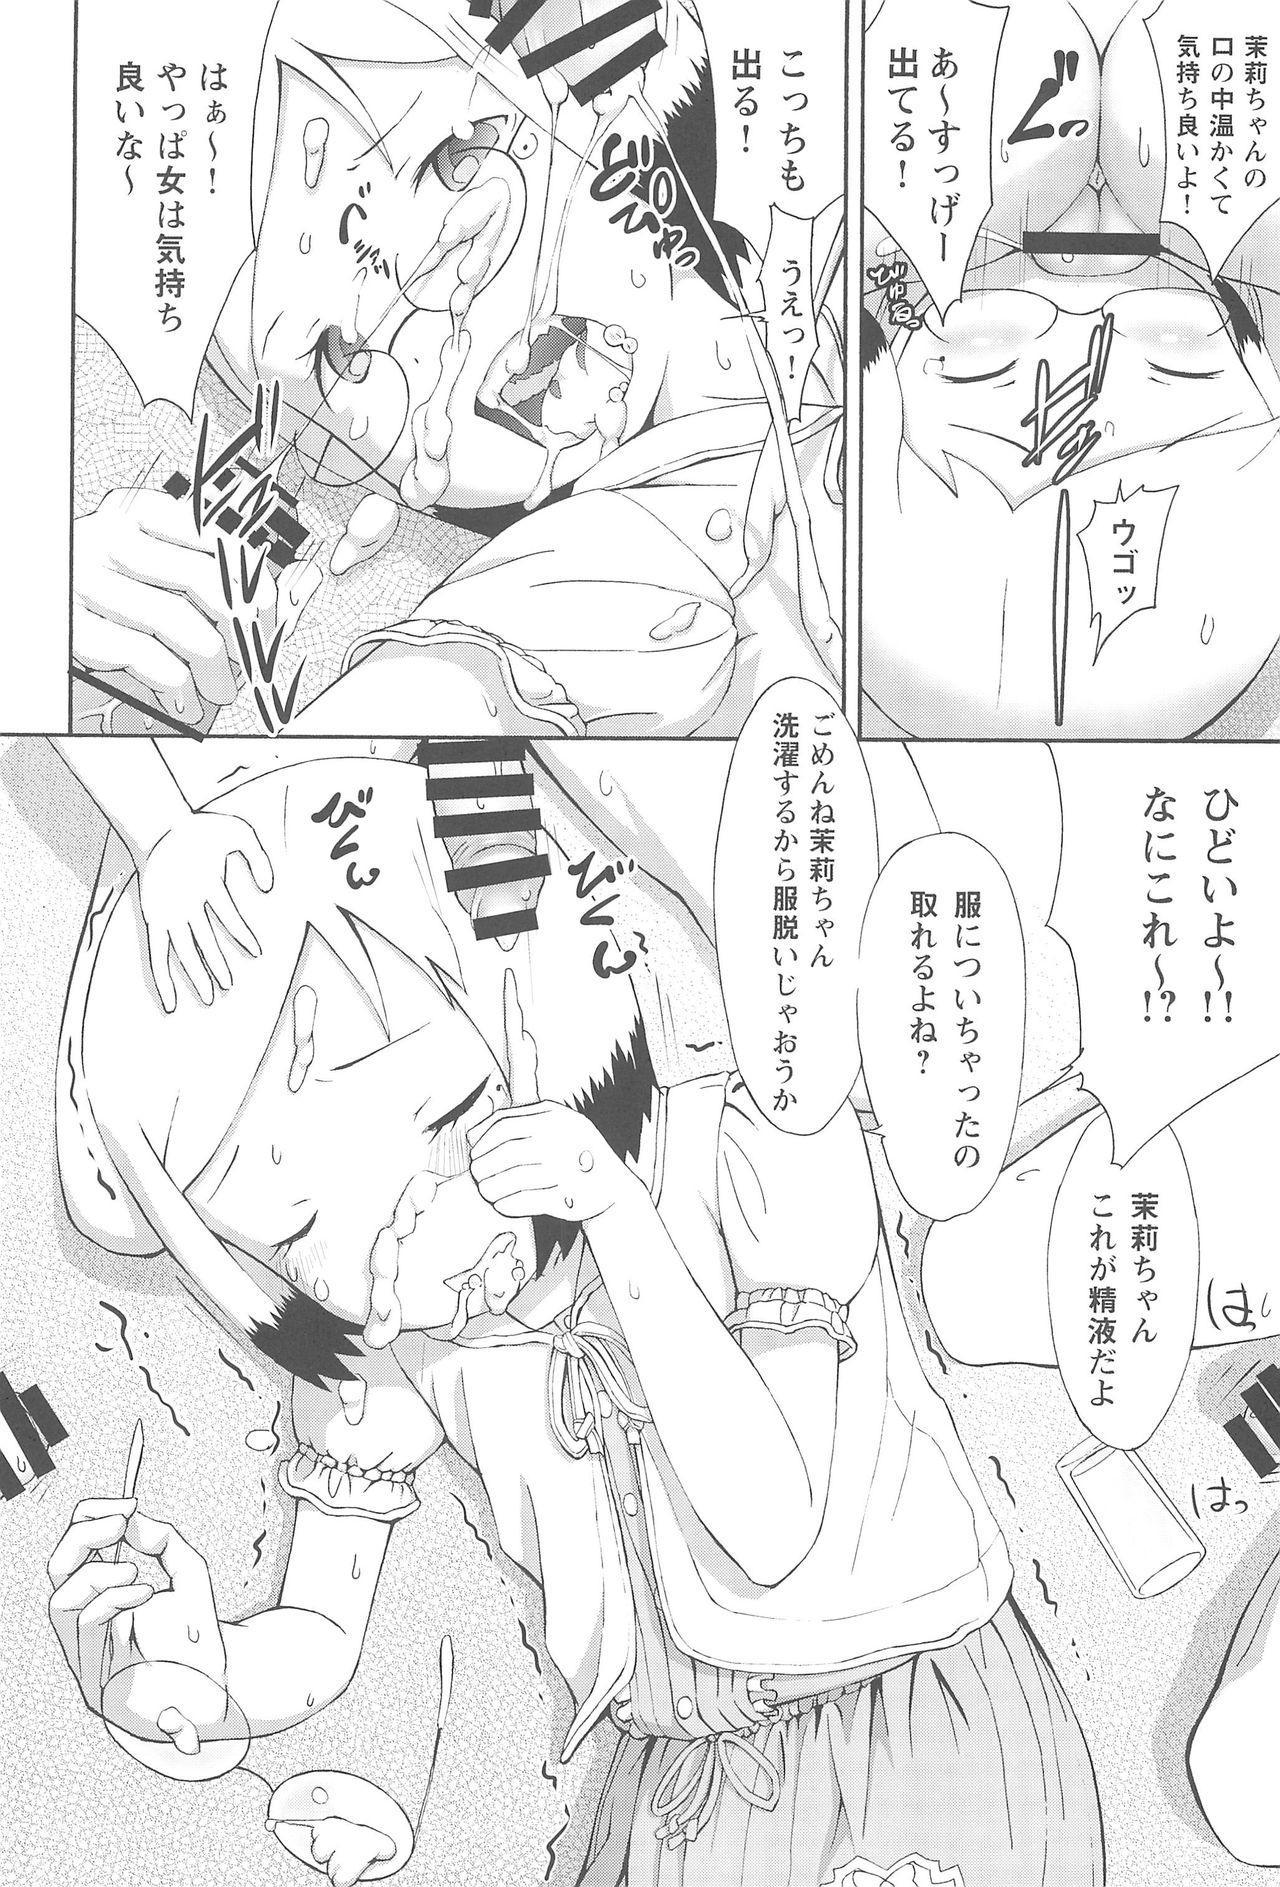 mashimaro ism Matsuri-chan to Asobou 8